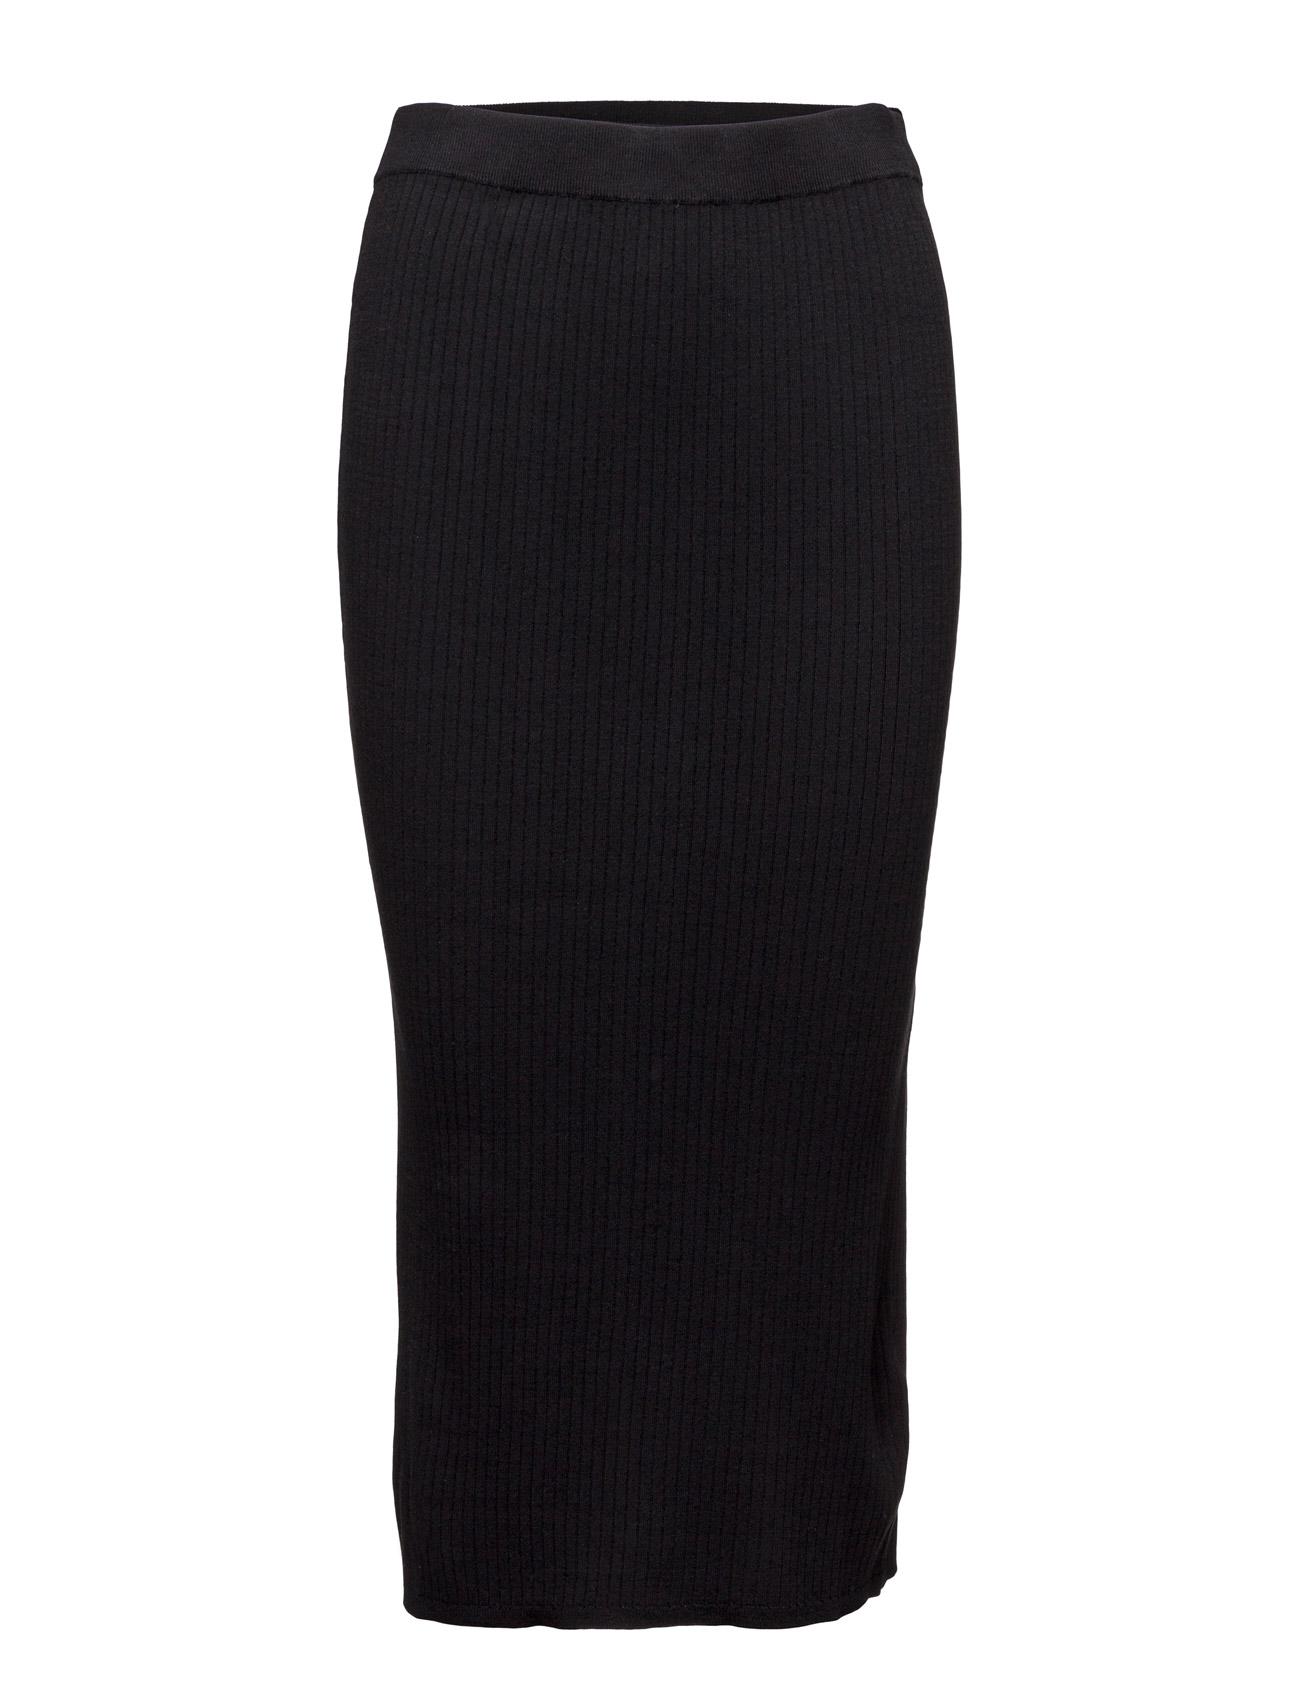 InWear Yazz Skirt KNIT